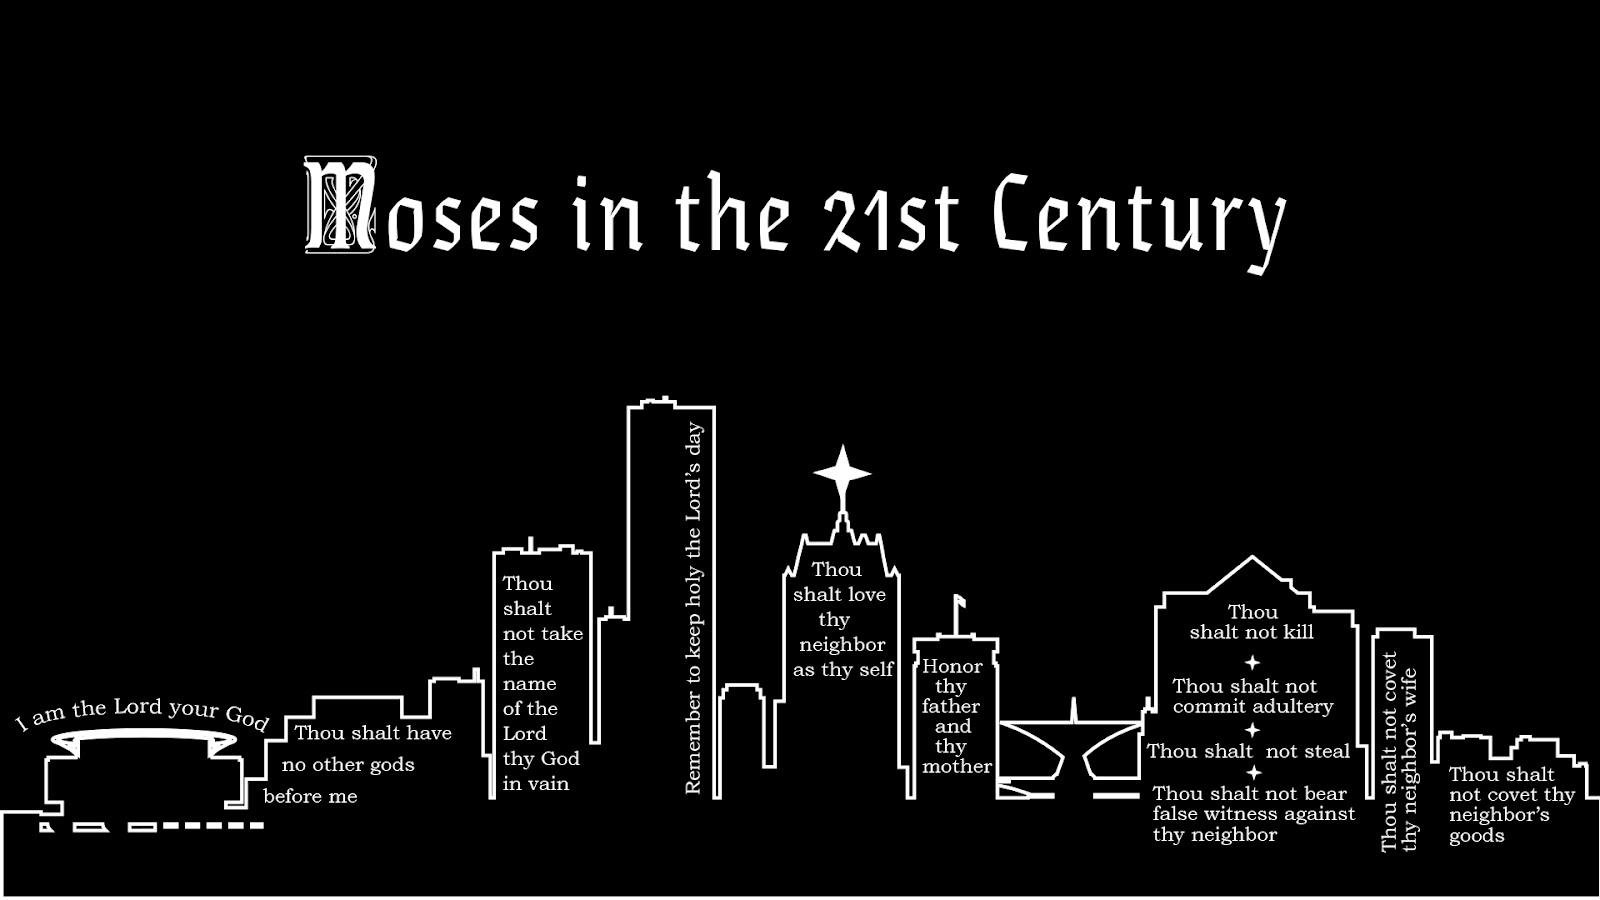 Moses_21st_century_redo_no_date.jpg